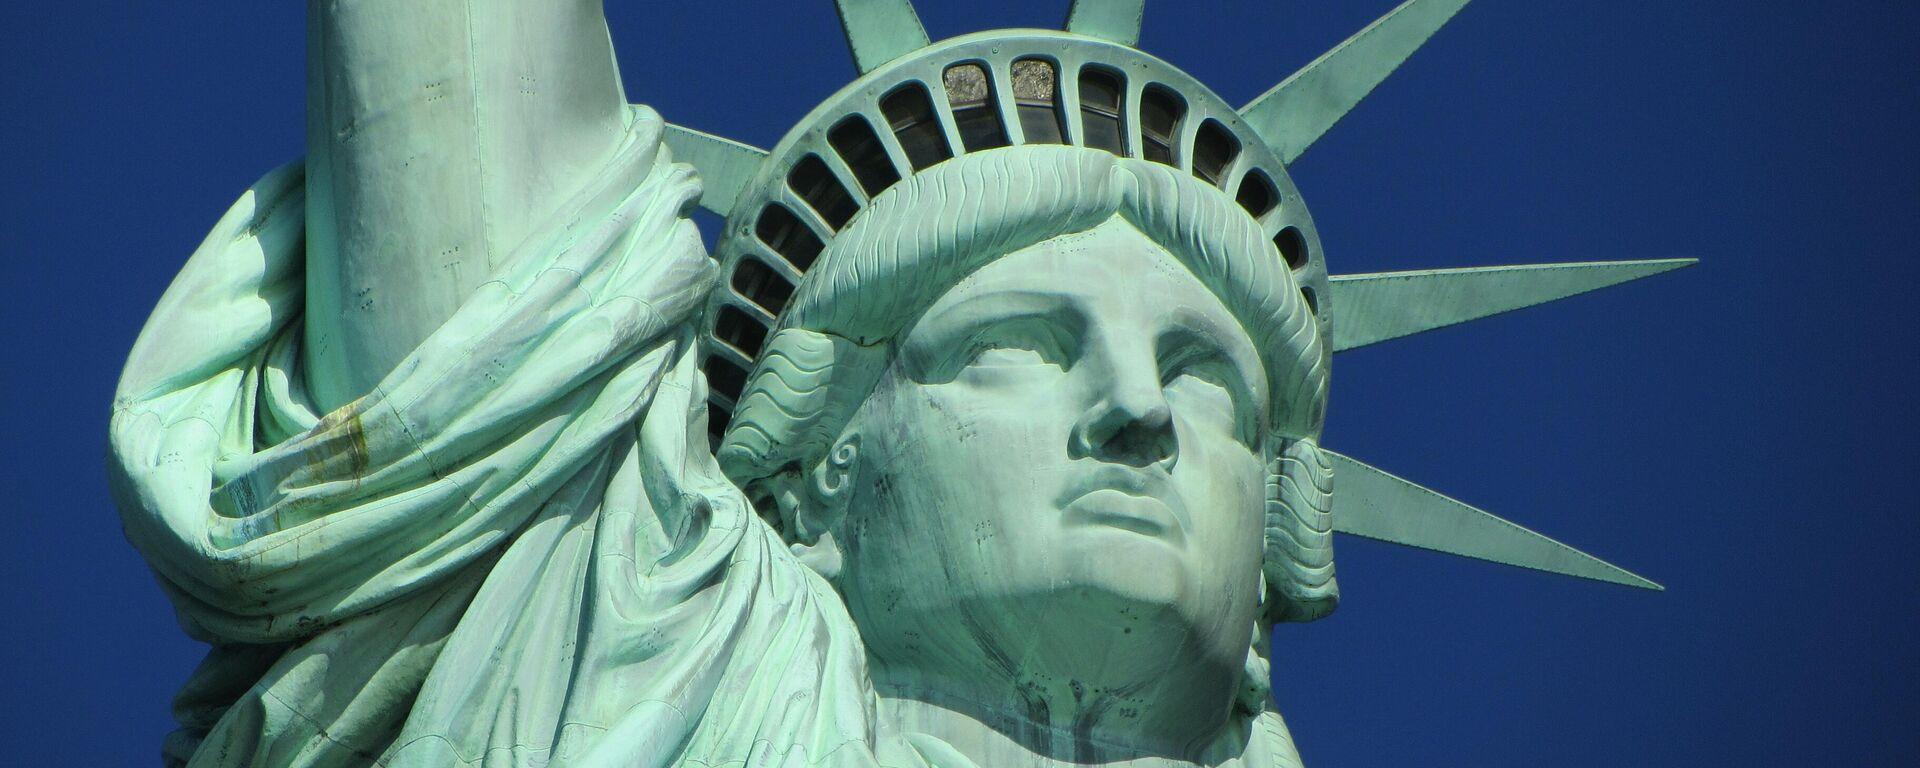 Статуя Свободы в Нью-Йорке - Sputnik Узбекистан, 1920, 20.08.2021